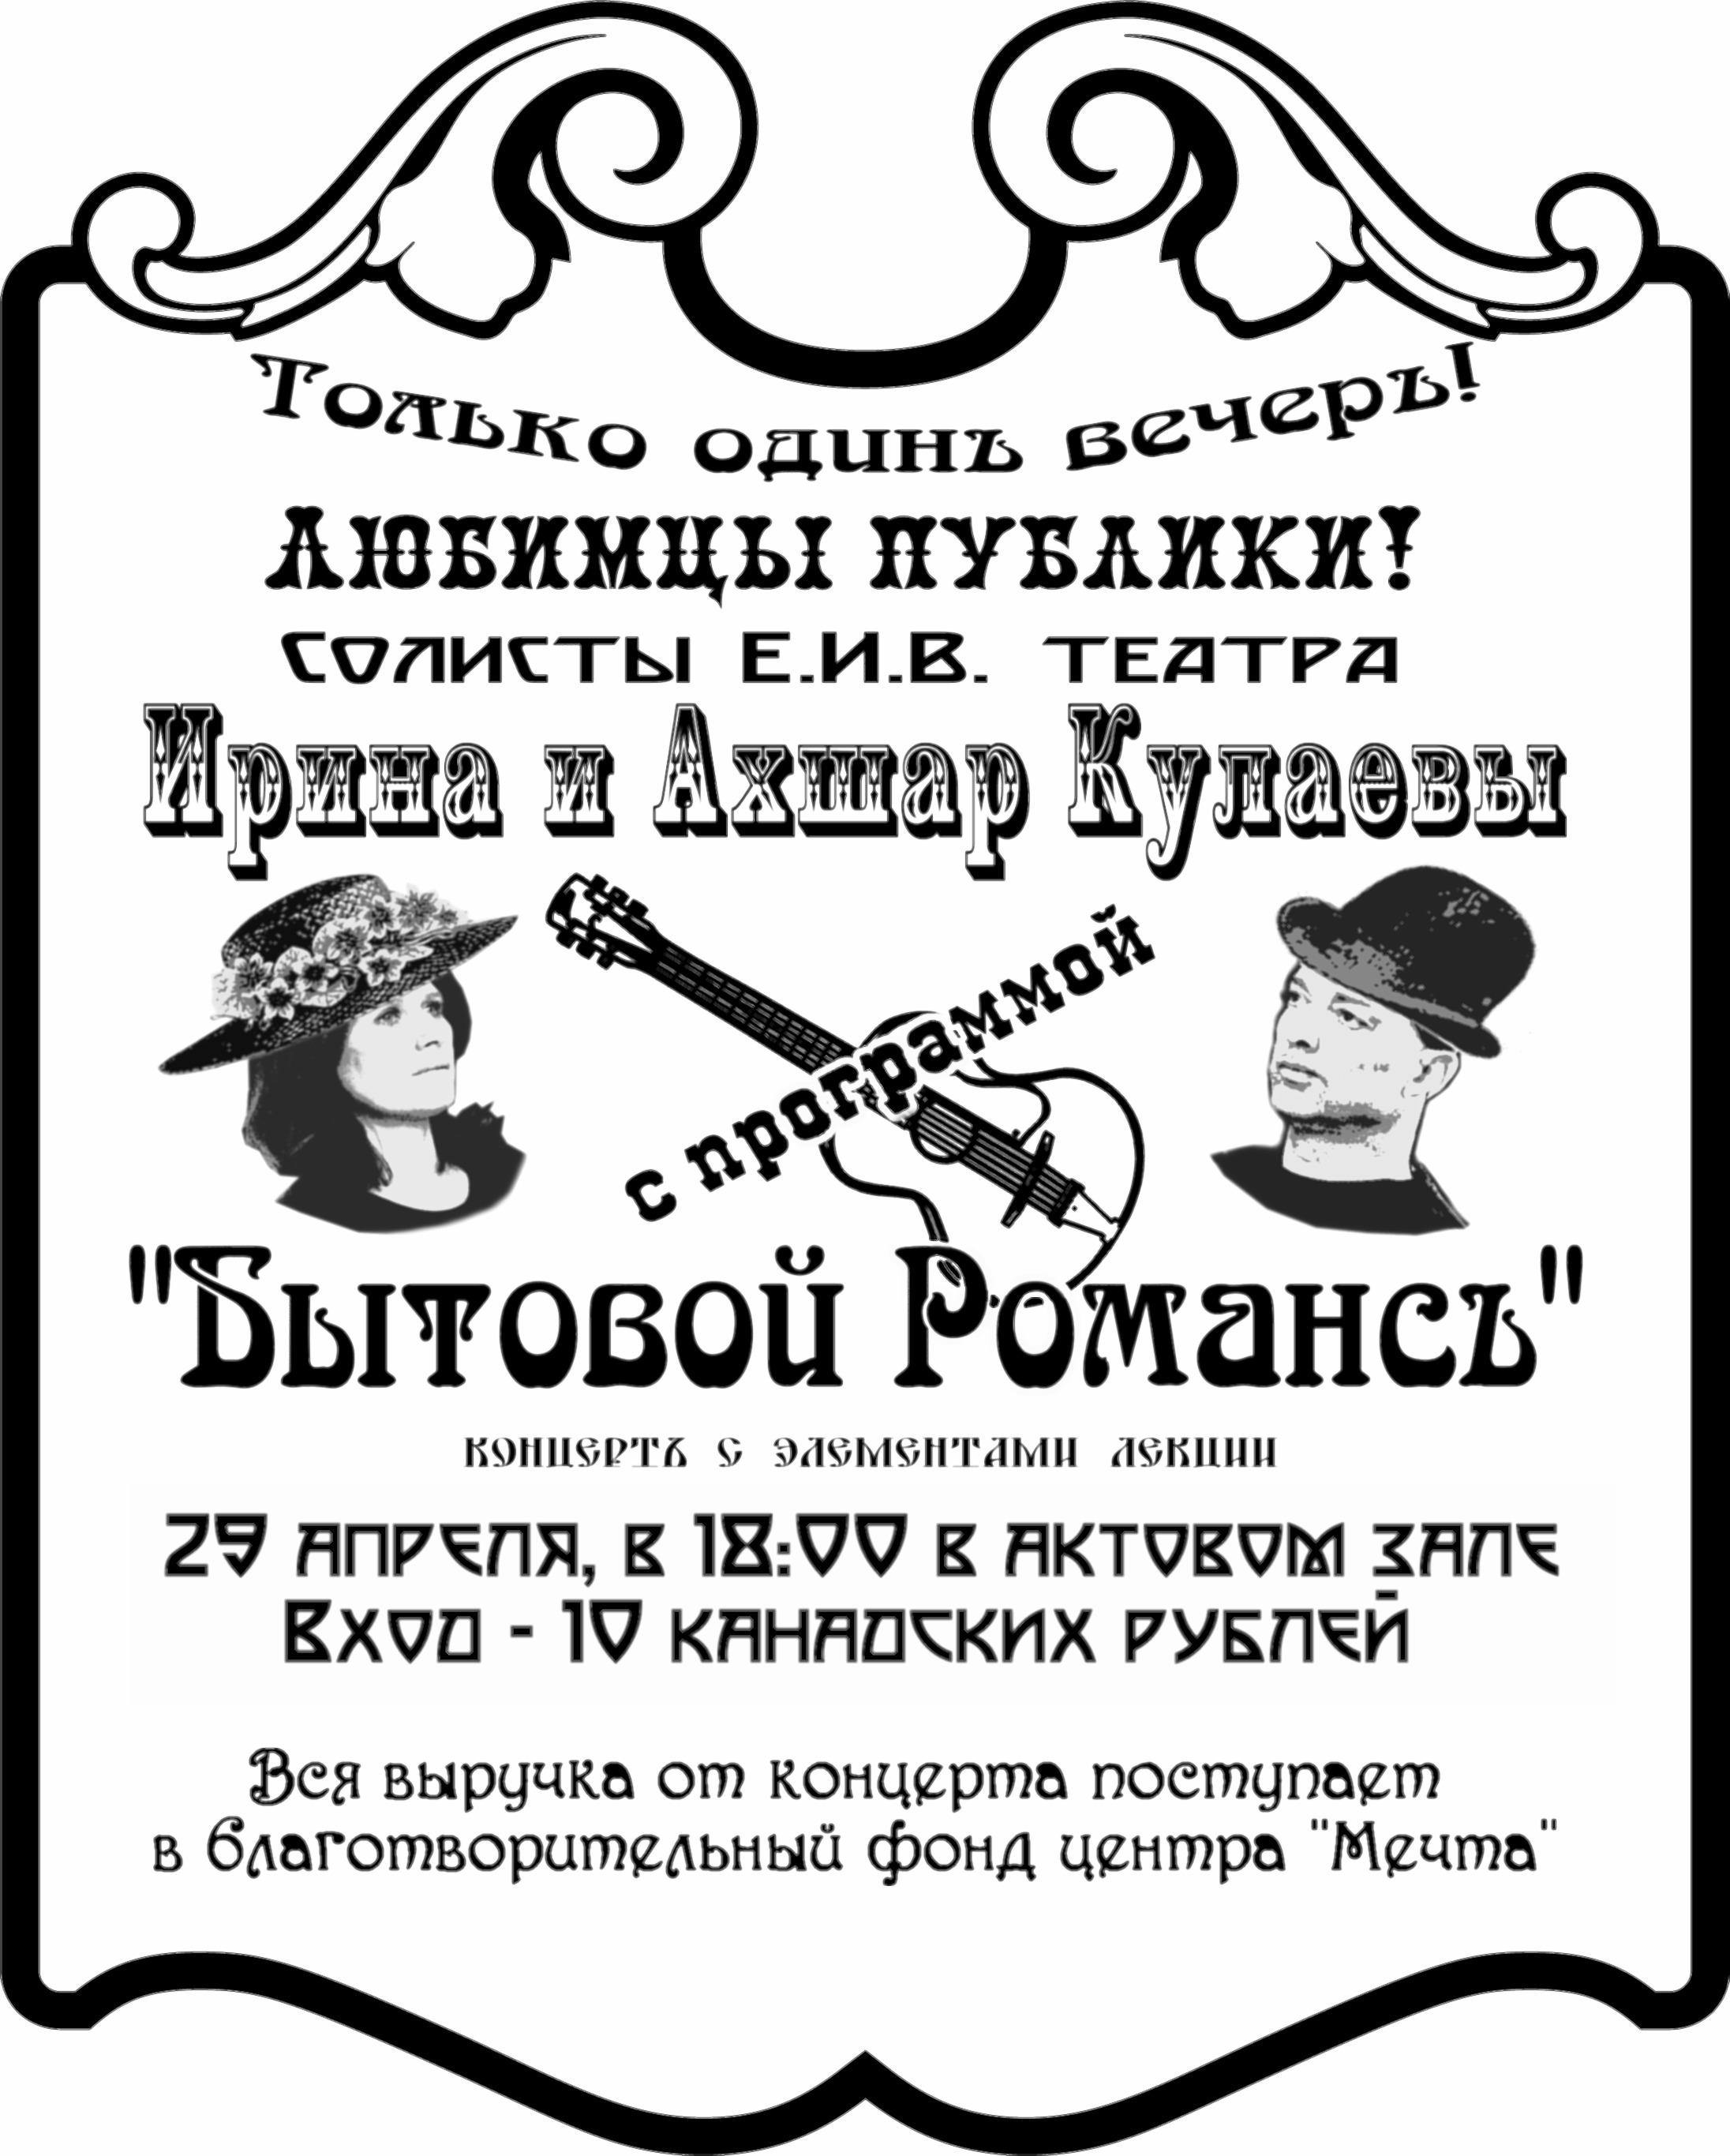 29 апреля 2015 – Благотворительный Концерт «Бытовой Романс»